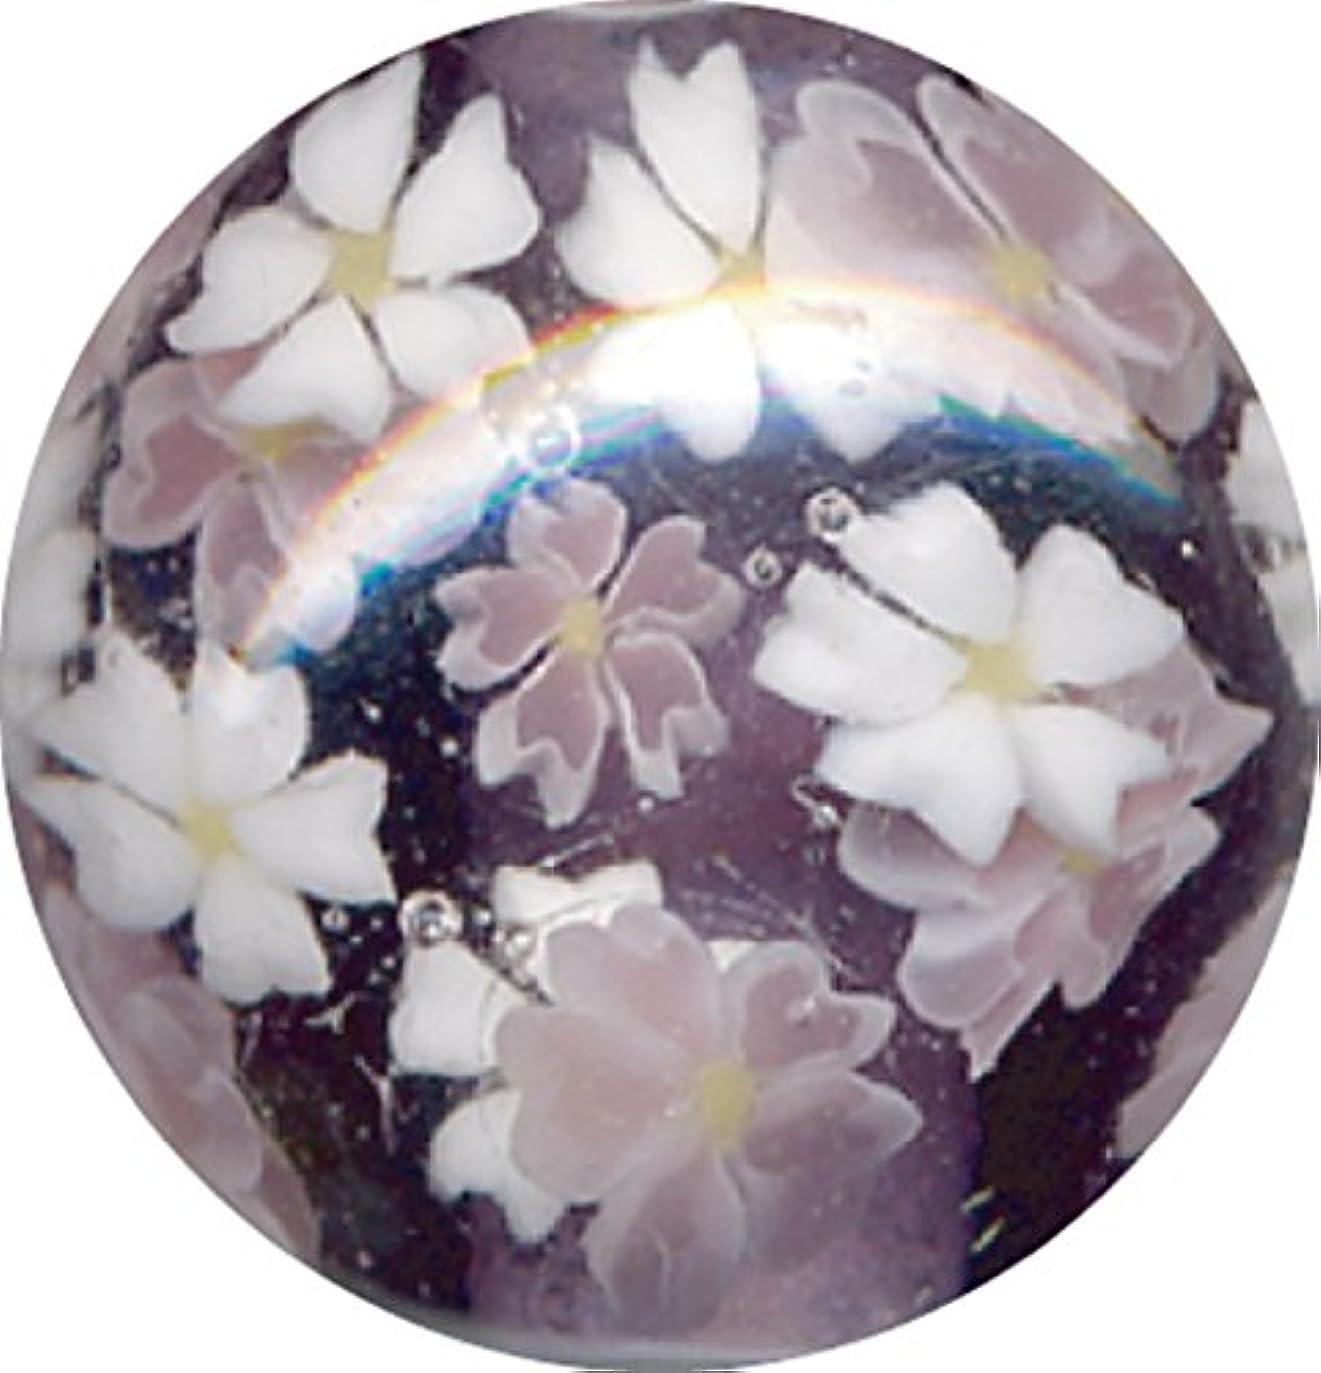 ホイットニー世紀クラッシュとんぼ玉 桜柄 紫